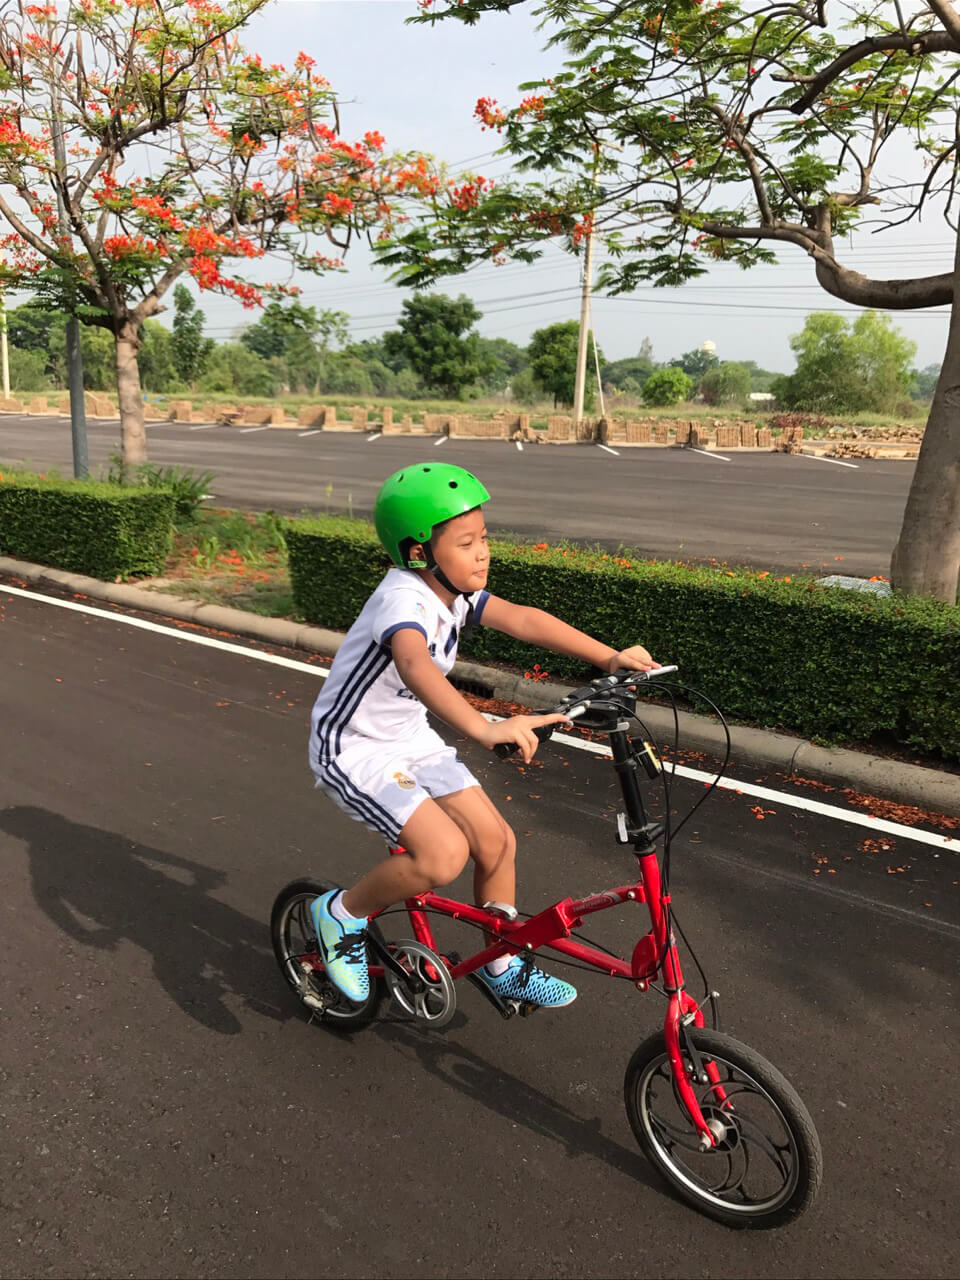 น้องซีปั่นจักรยานตั้งแต่เด็ก